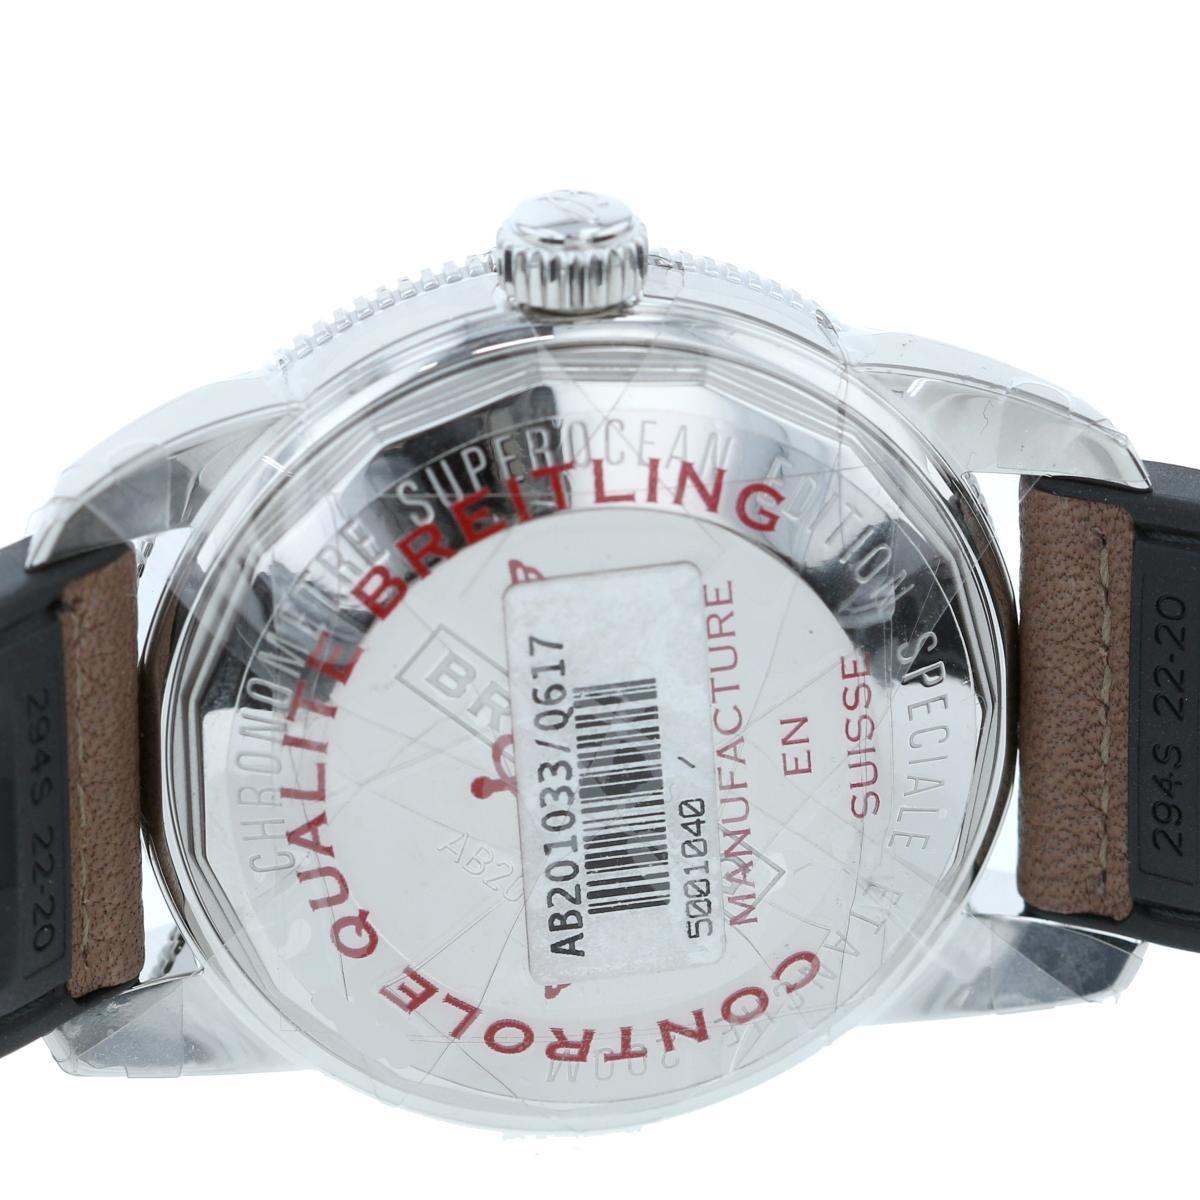 【美品】【中古】BREITLING ブライトリング スーパーオーシャン ヘリテージ � 42 時計 自動巻き/メンズ  ブラウンダイアル AB201033 unused:S